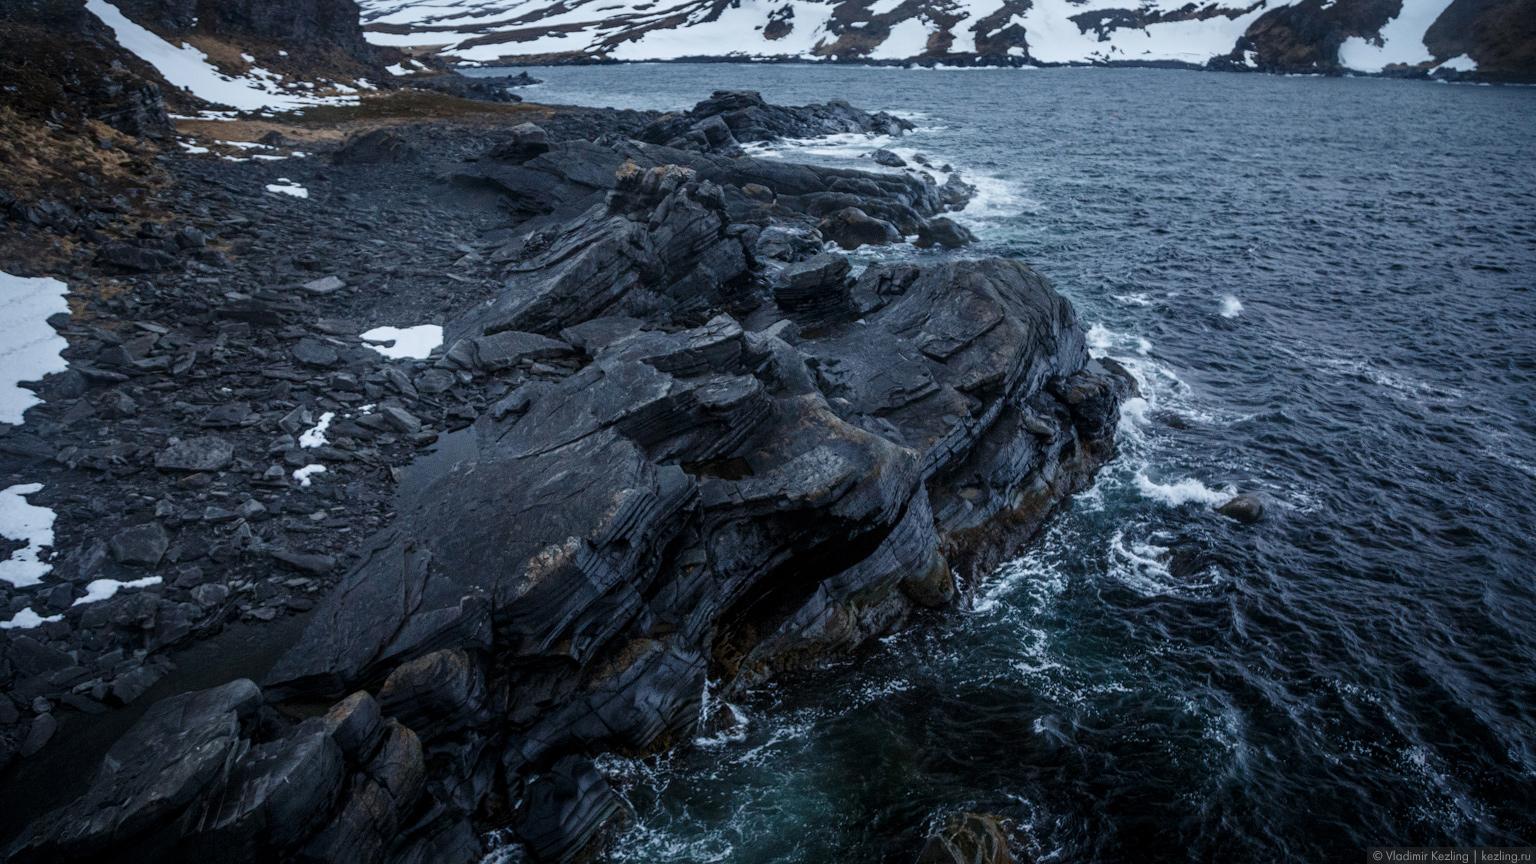 Киркепортен или Ода суровому очарованию Арктики